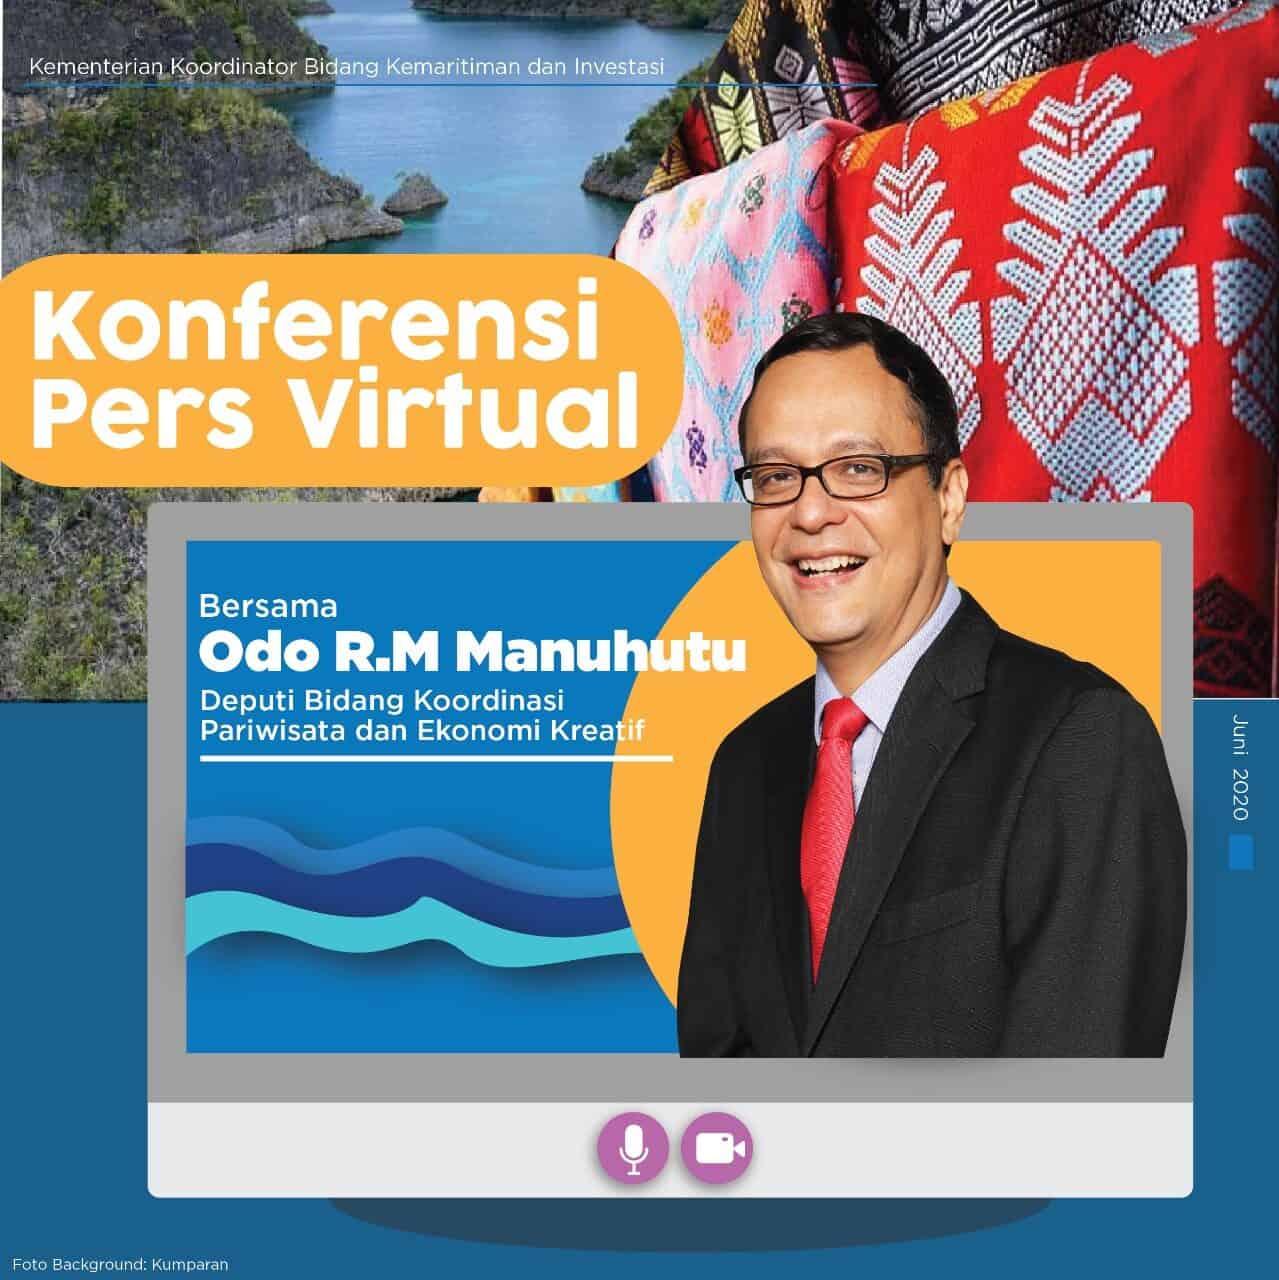 Indonesia Bicara – Gerakan Nasional Bangga Buatan Indonesia